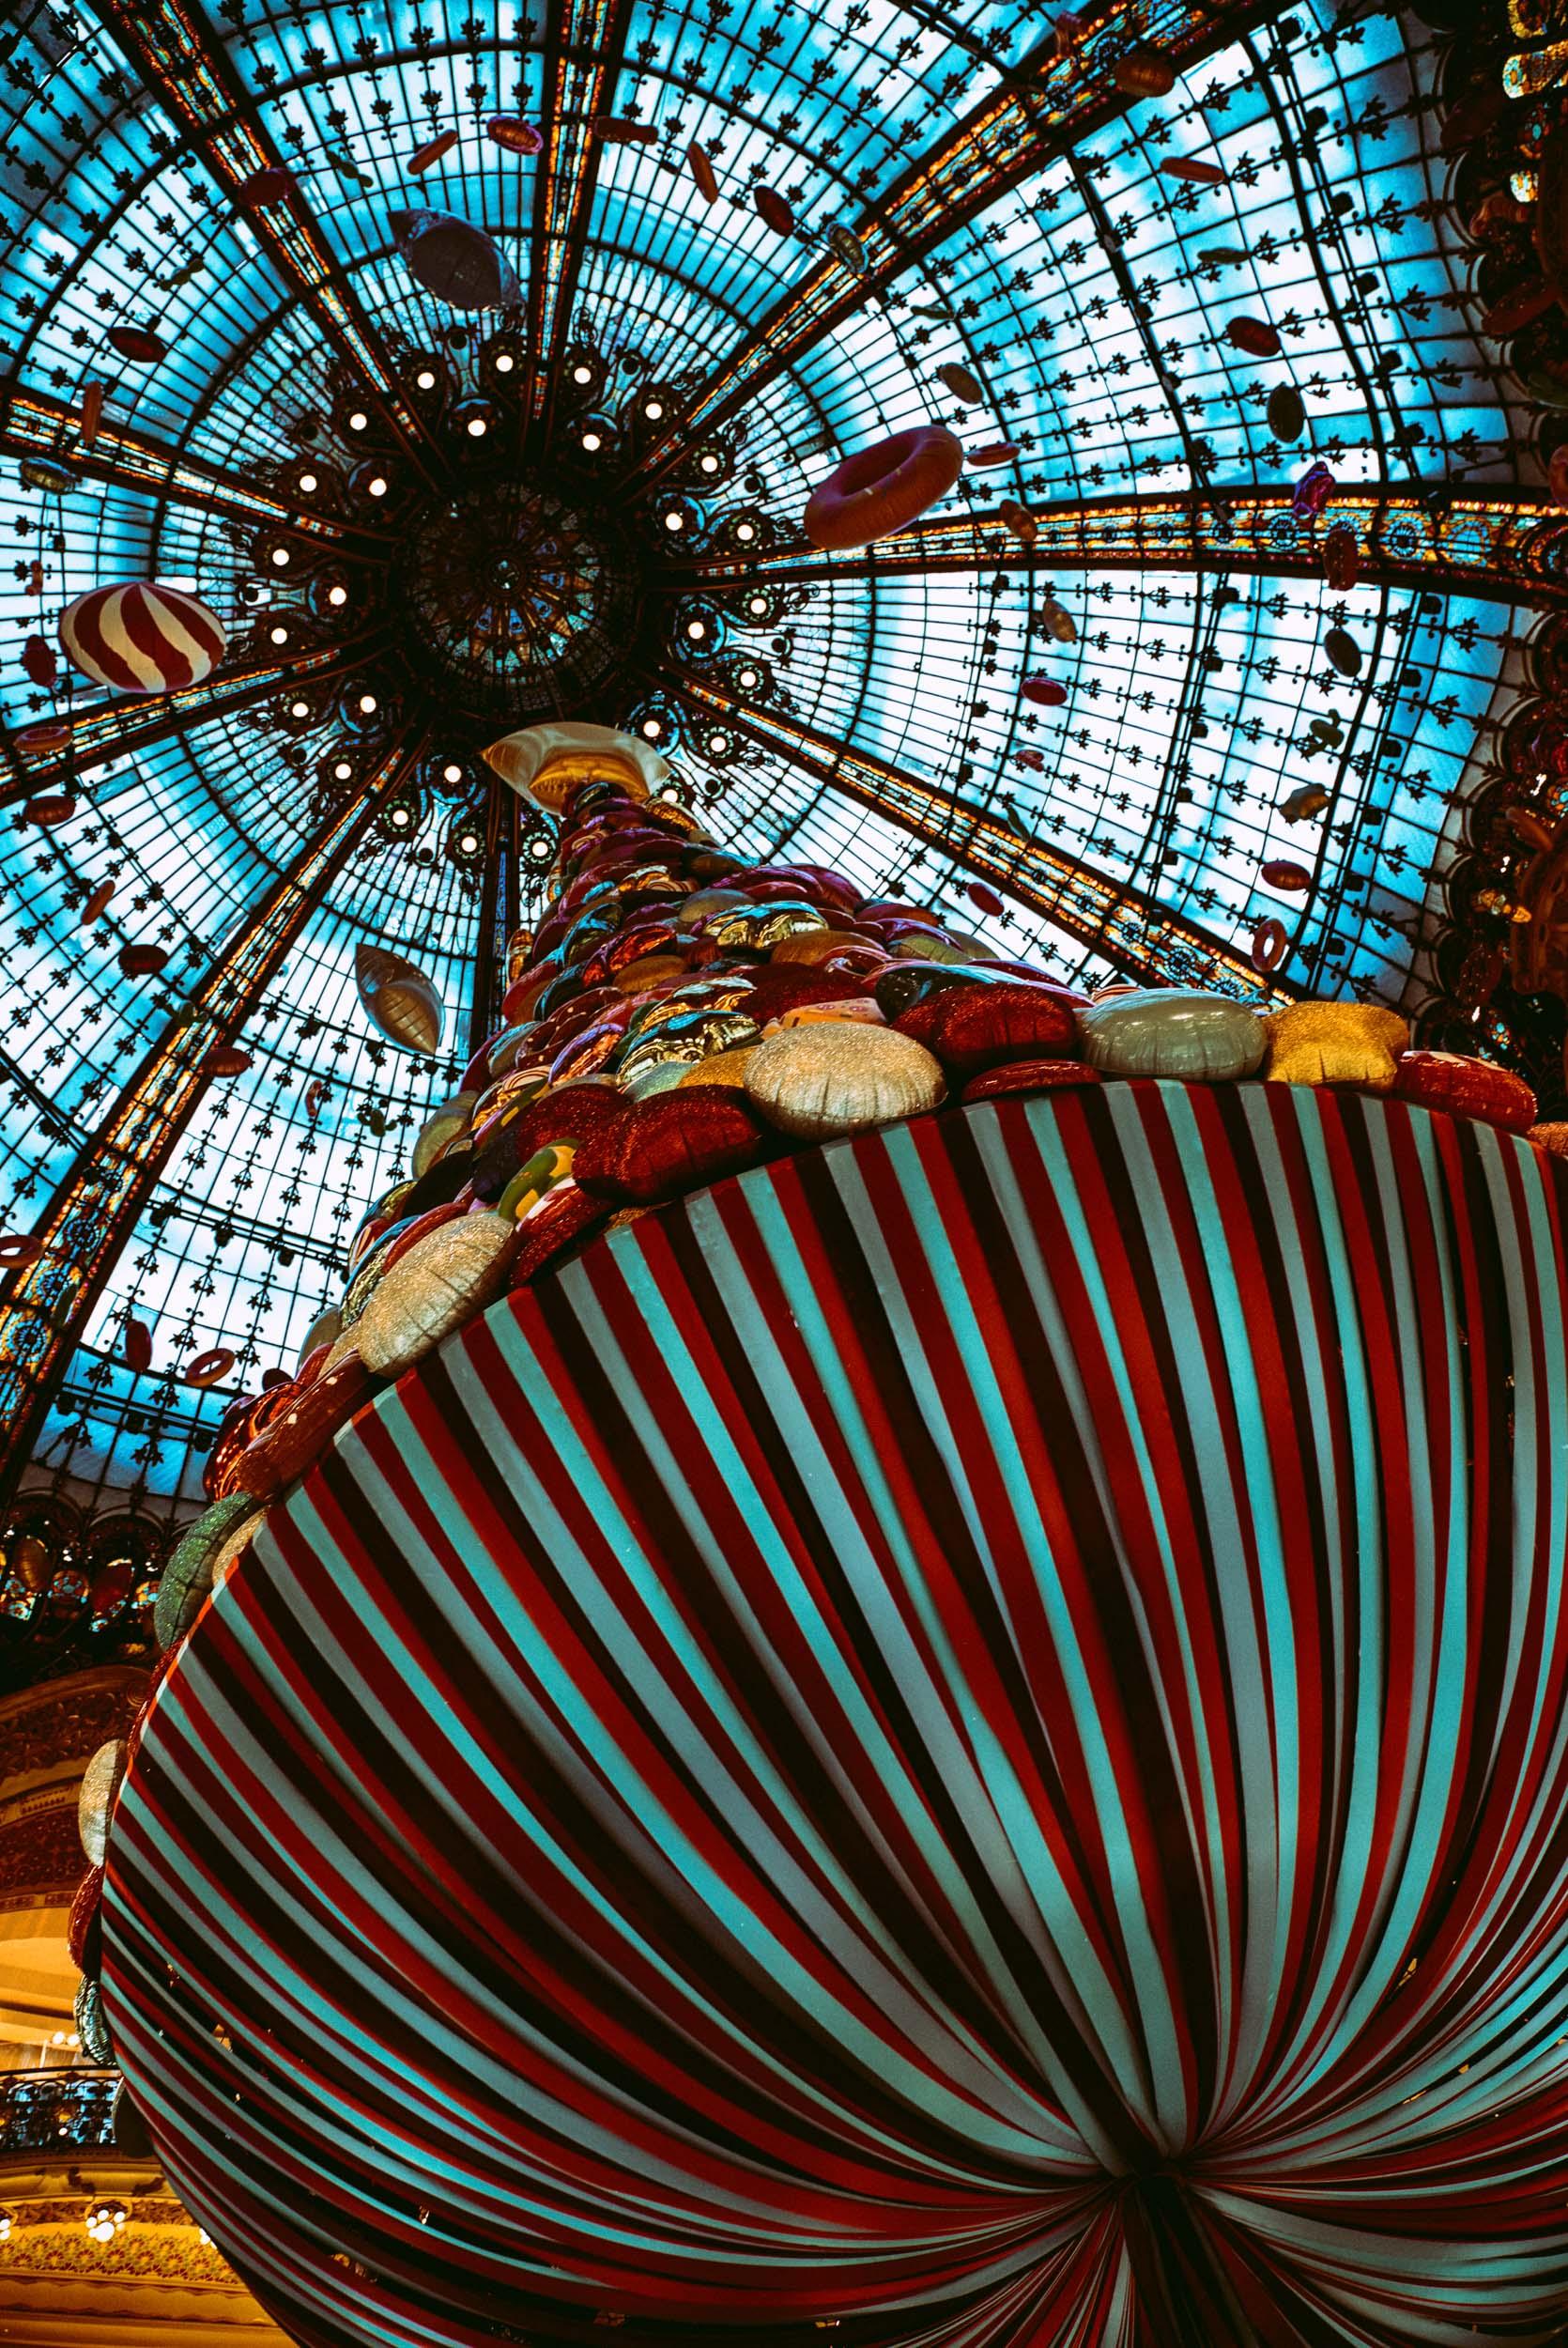 Quando Mettono Le Luci Di Natale A Parigi.Natale A Parigi Istruzioni Per L Uso Tutto Quello Che Non Dovete